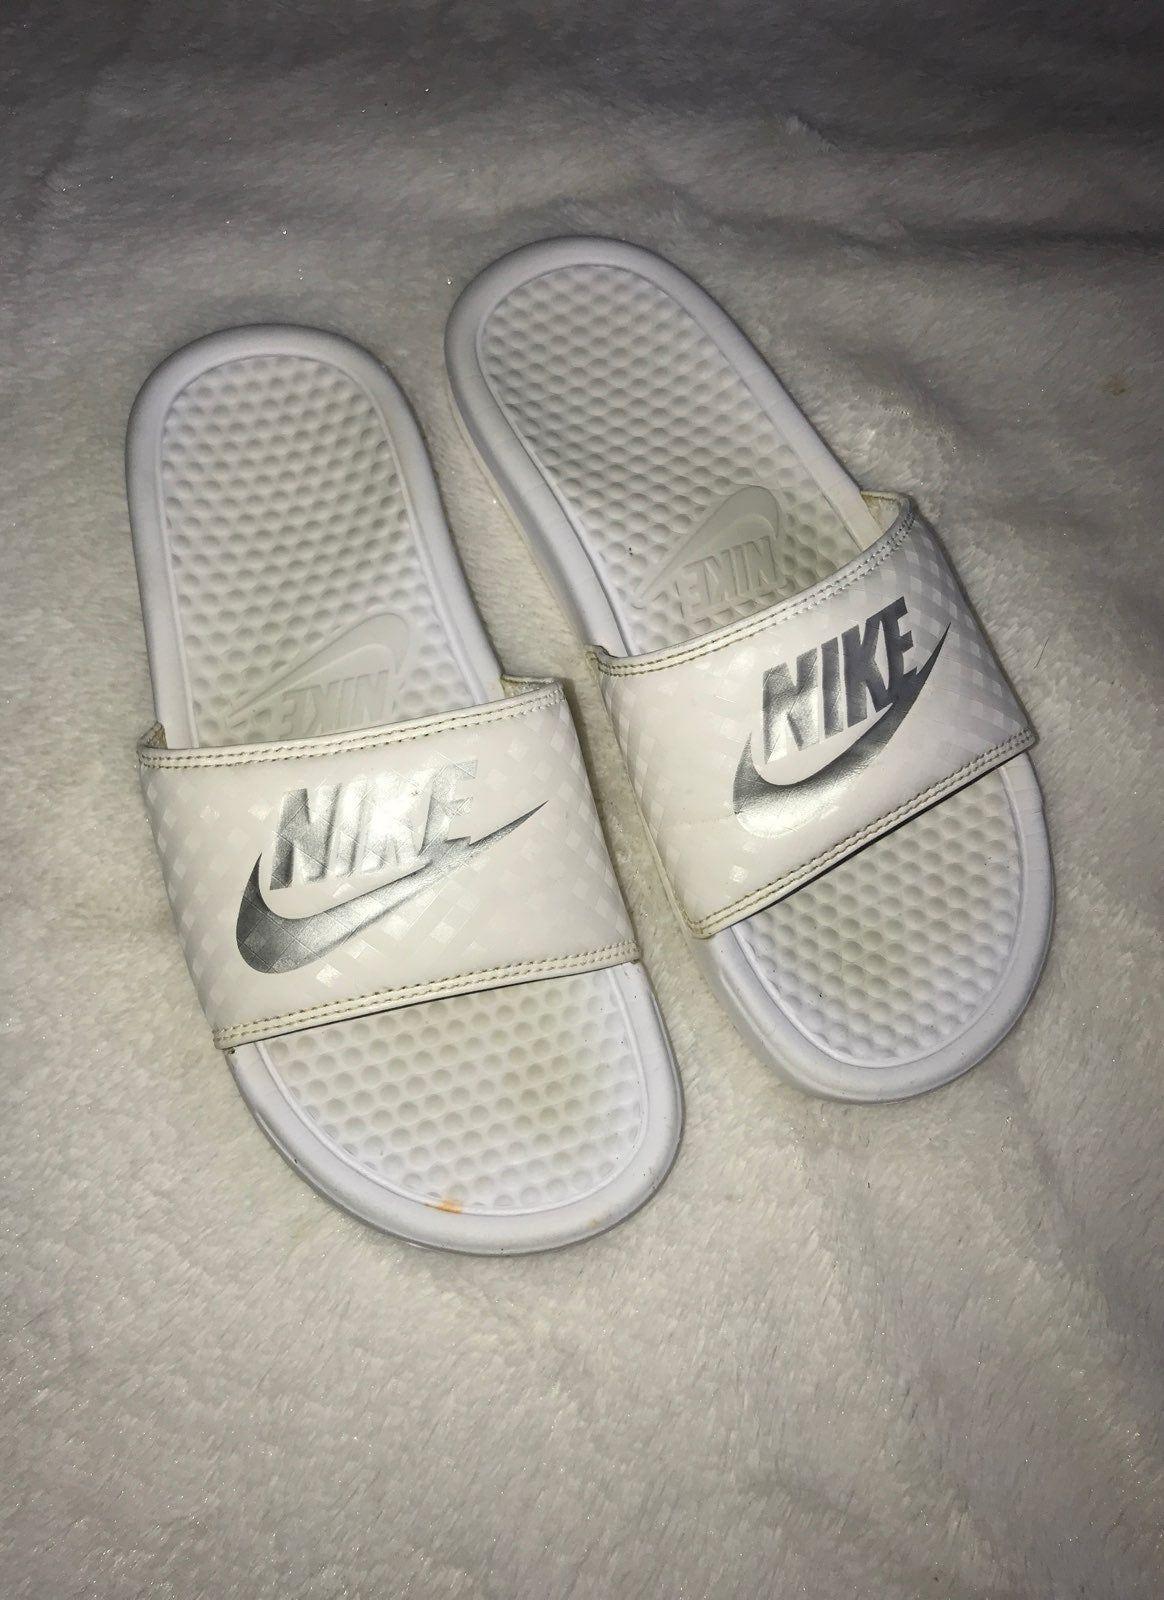 Nike sandals, Nike slides, Nike